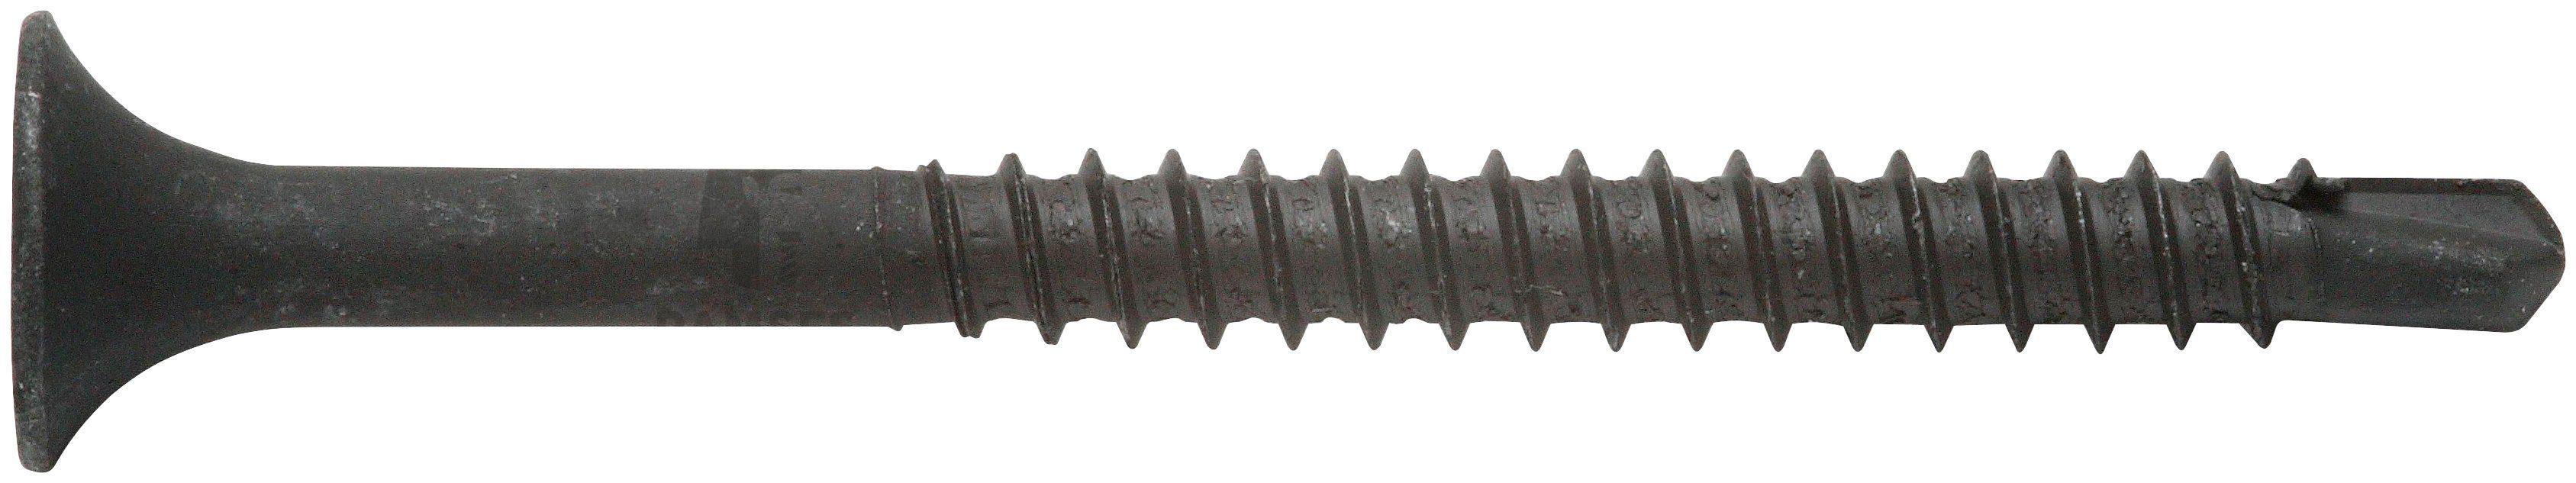 RAMSES Schrauben , Schnellbauschraube mit Bohrspitze 3,5 x 45 mm 1.000 Stk.